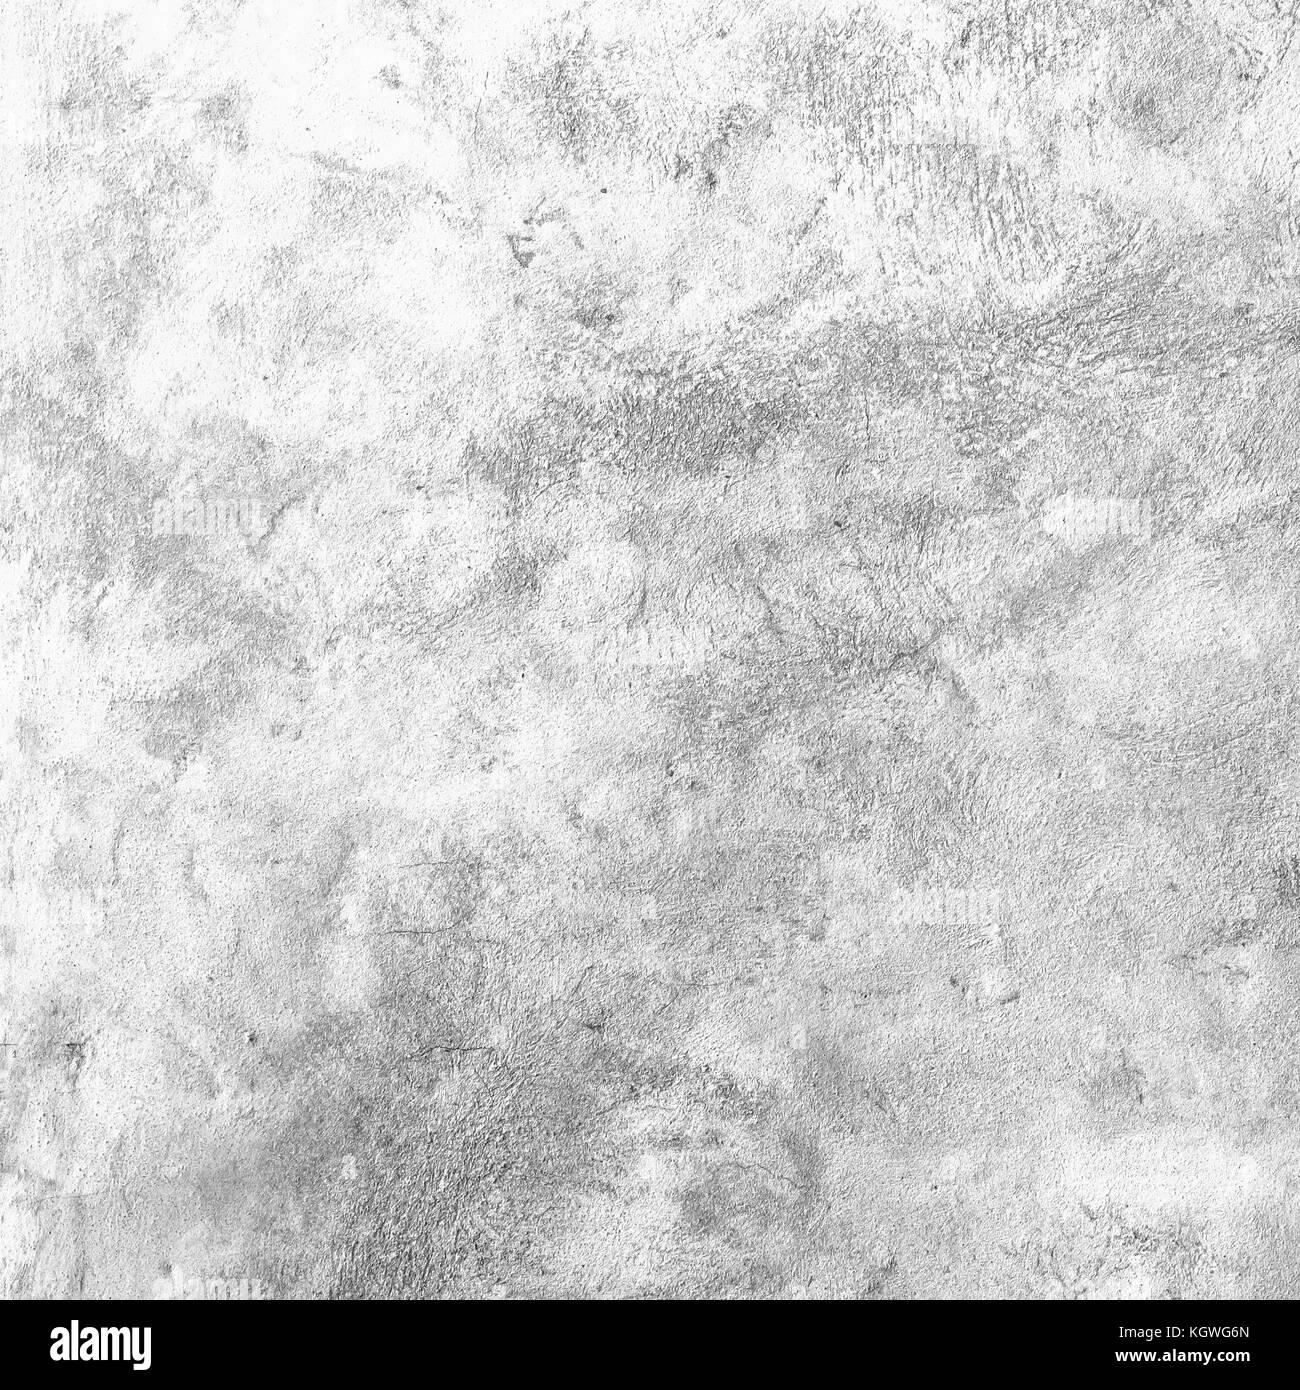 Konkrete Weiße Wand. Grunge Alte Geschält Oberfläche Mit Schäbigen  Hintergrund. Weiß Getünchte Textur. Verputzt Schäbig Rustikale Mauer  Hintergrund Mit ...